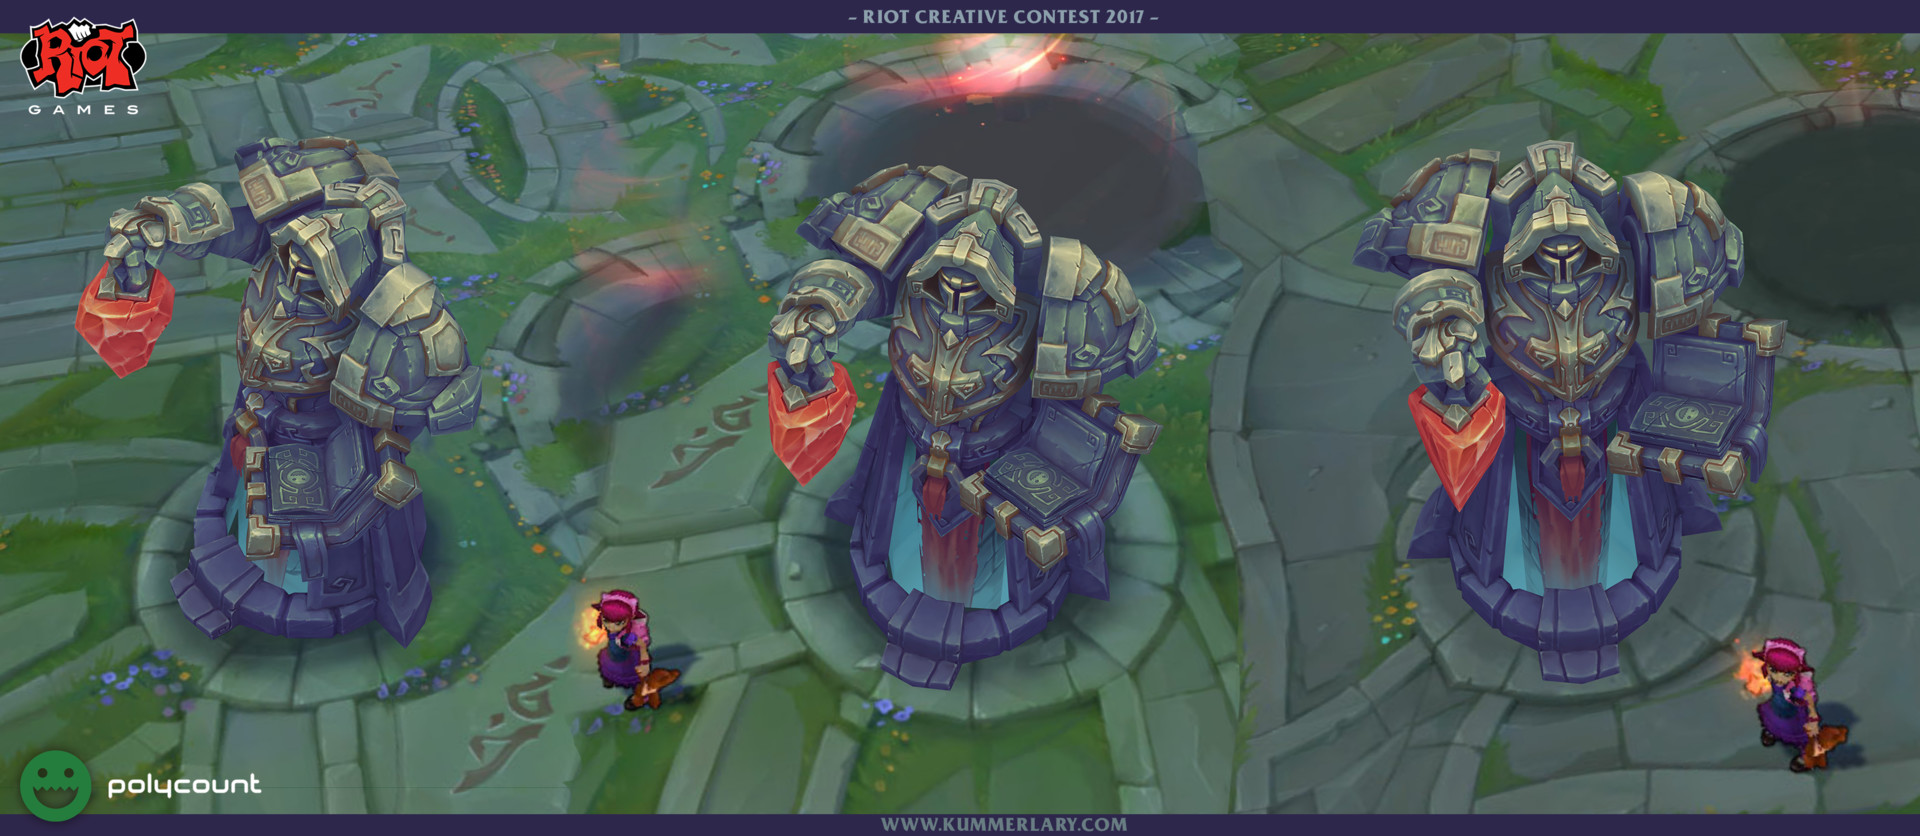 Lary kummer larykummer turret beautyshot 01